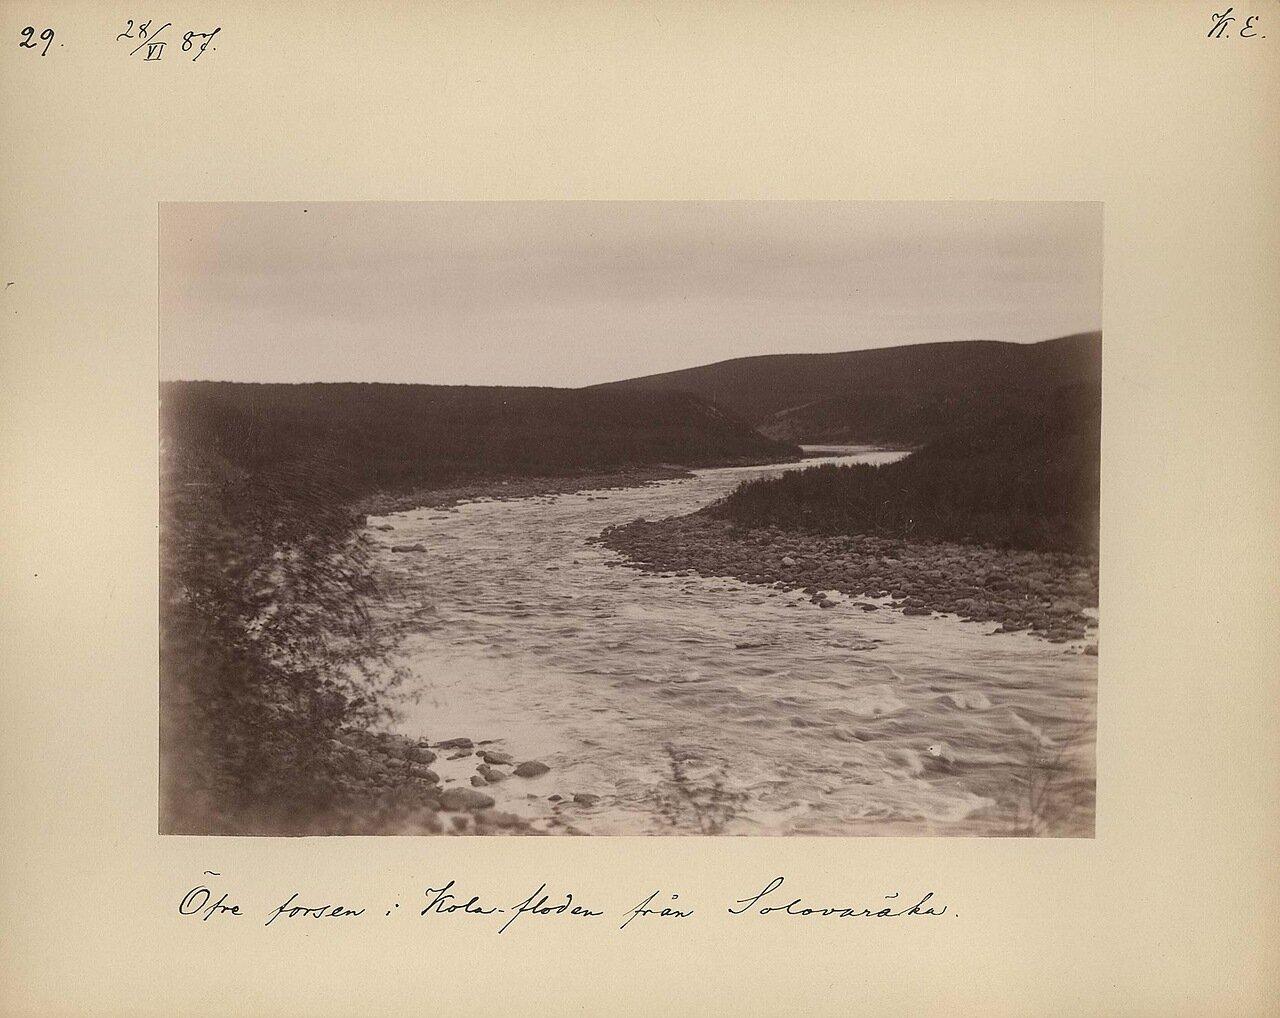 28.6.1887  Река Кола с горы Соловарака